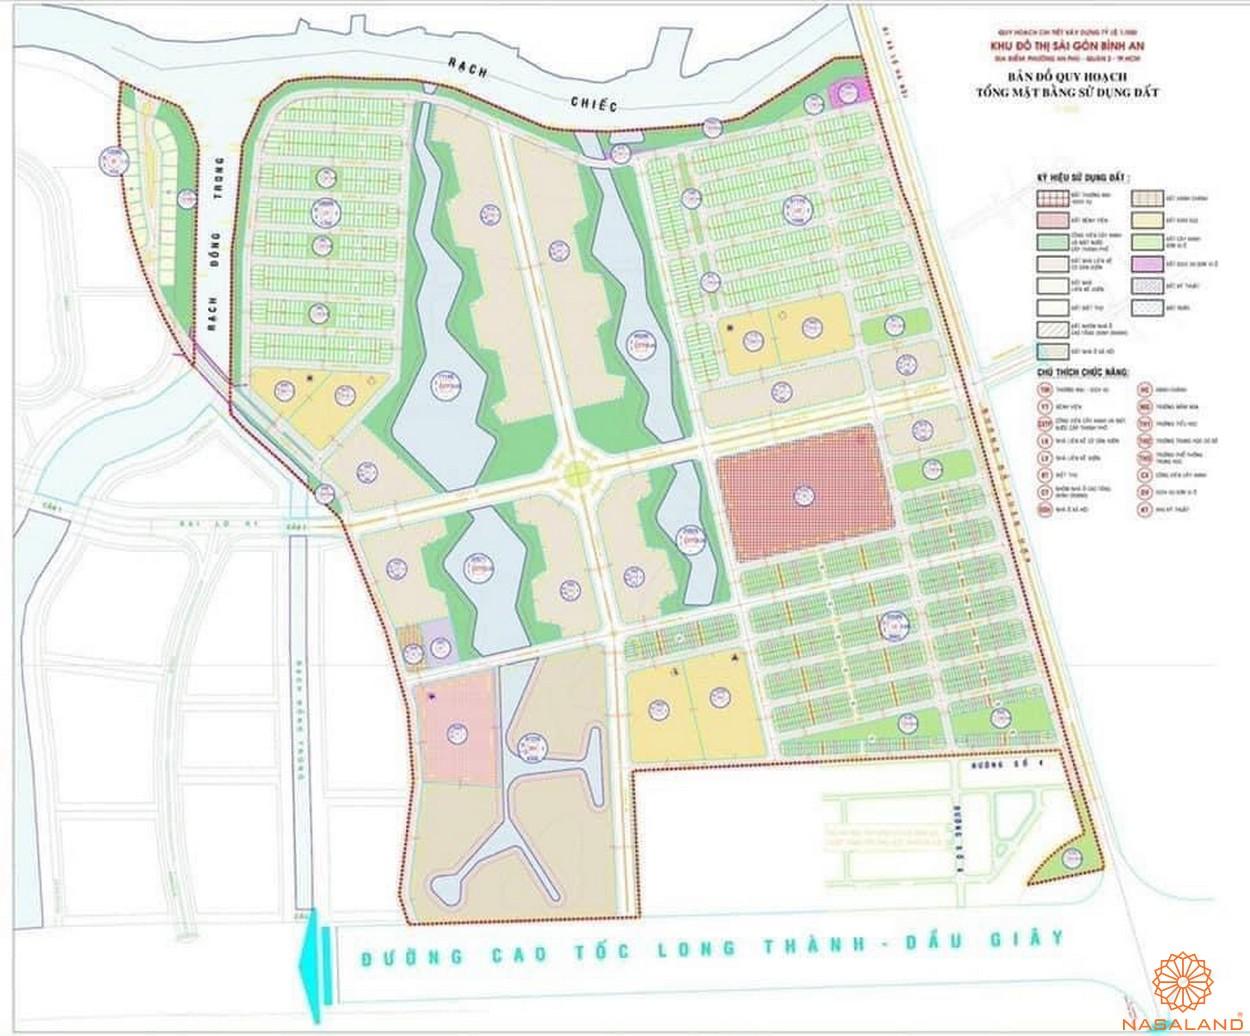 Lễ khởi công dự án Khu đô thị Sài Gòn Bình An quận 2 - Mặt bằng tổng thể